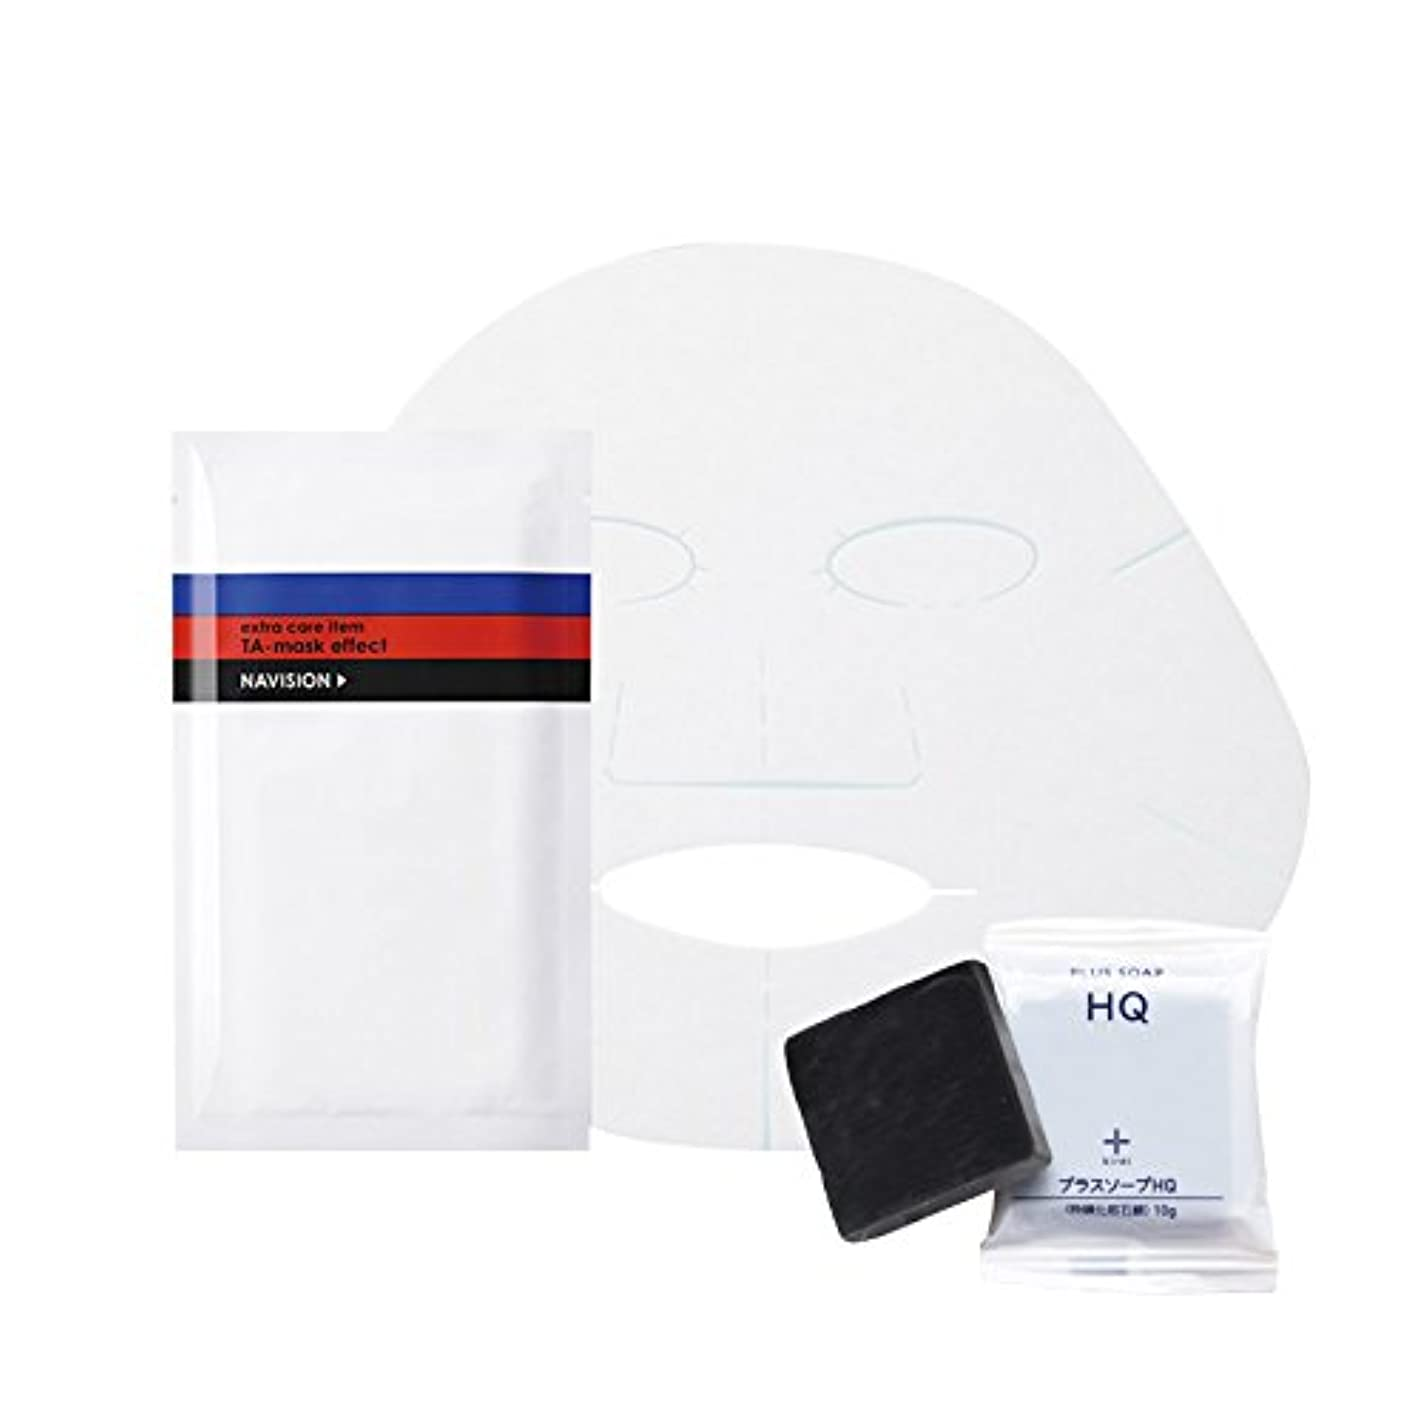 ナビジョン NAVISION TAマスクエフェクト 18mL×5包 + プラスキレイ プラスソープHQミニ